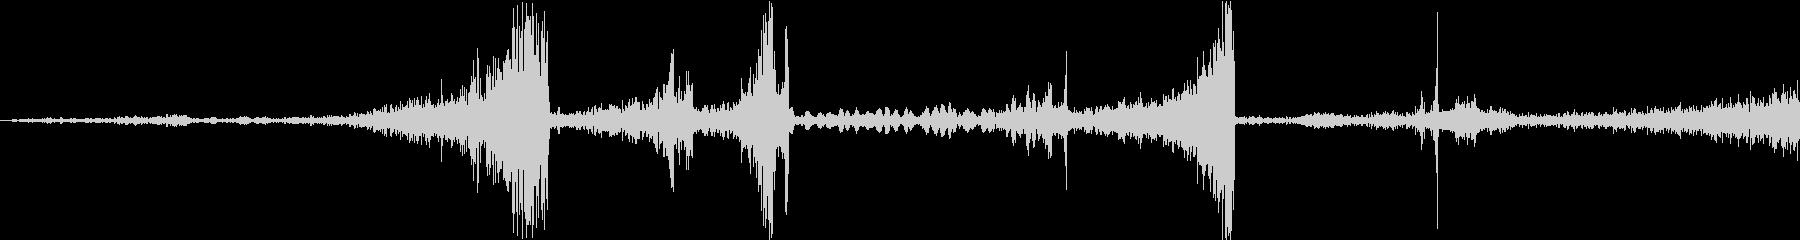 Zap 巻き戻し音・ザップ効果音 6の未再生の波形